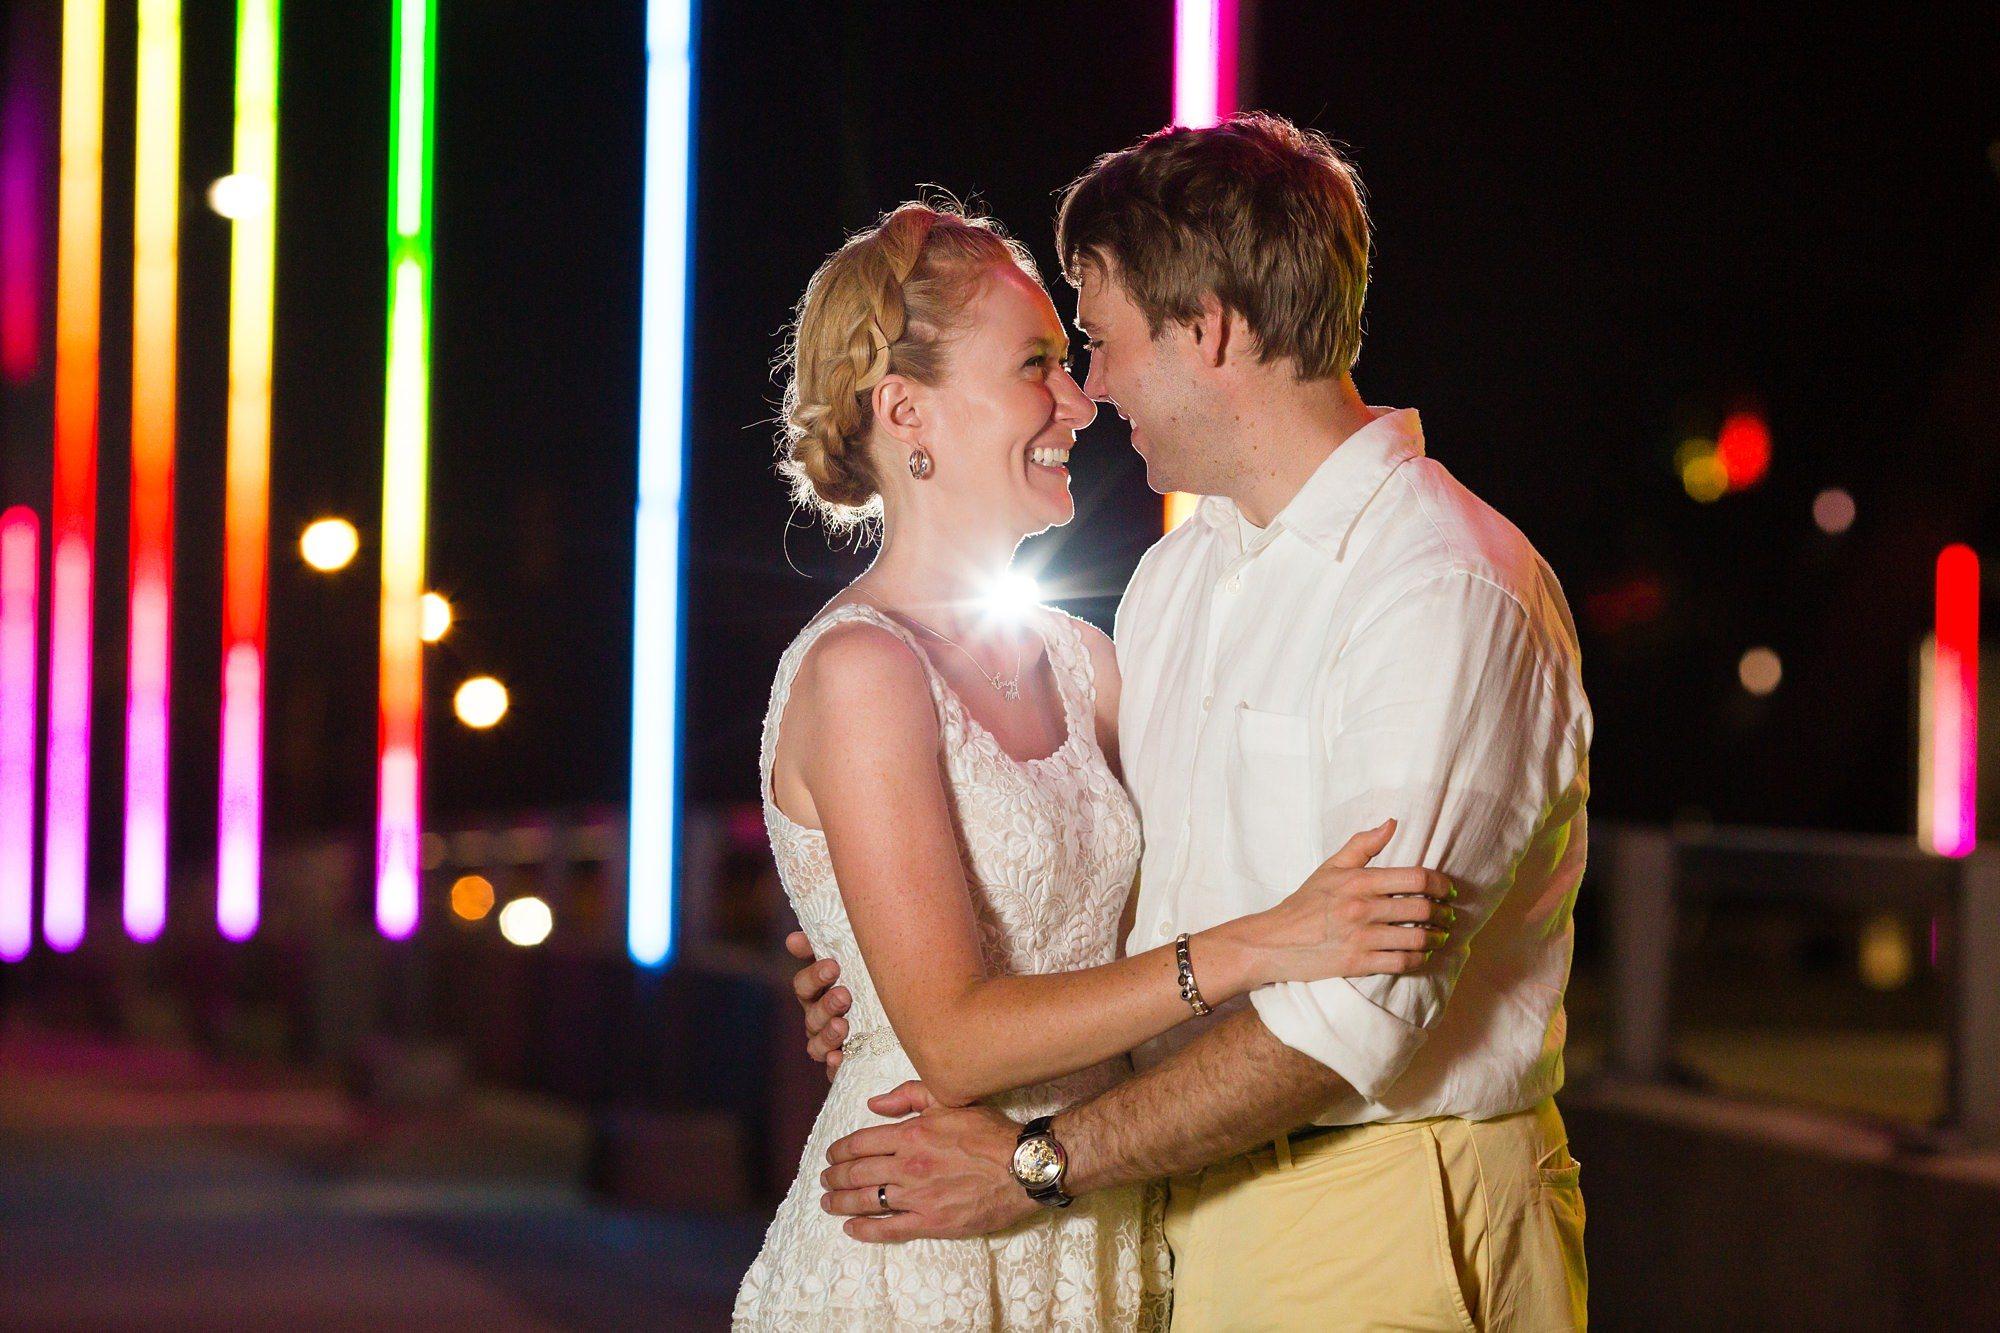 Brdie and groom on bridge with rainbow lights